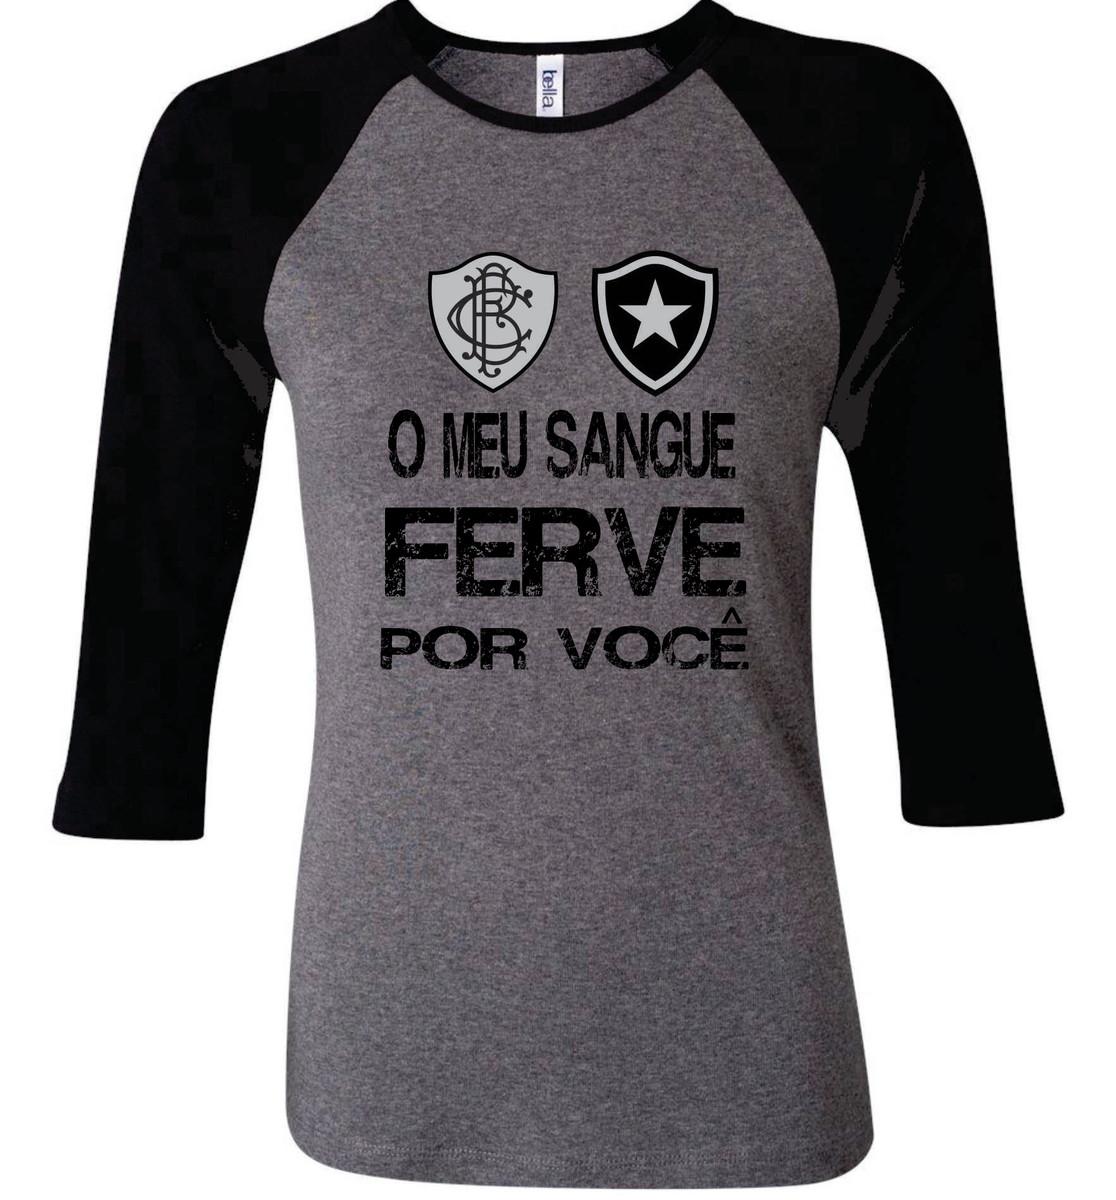 aece875cc6 Camiseta Raglan 3 4 Botafogo fogão no Elo7